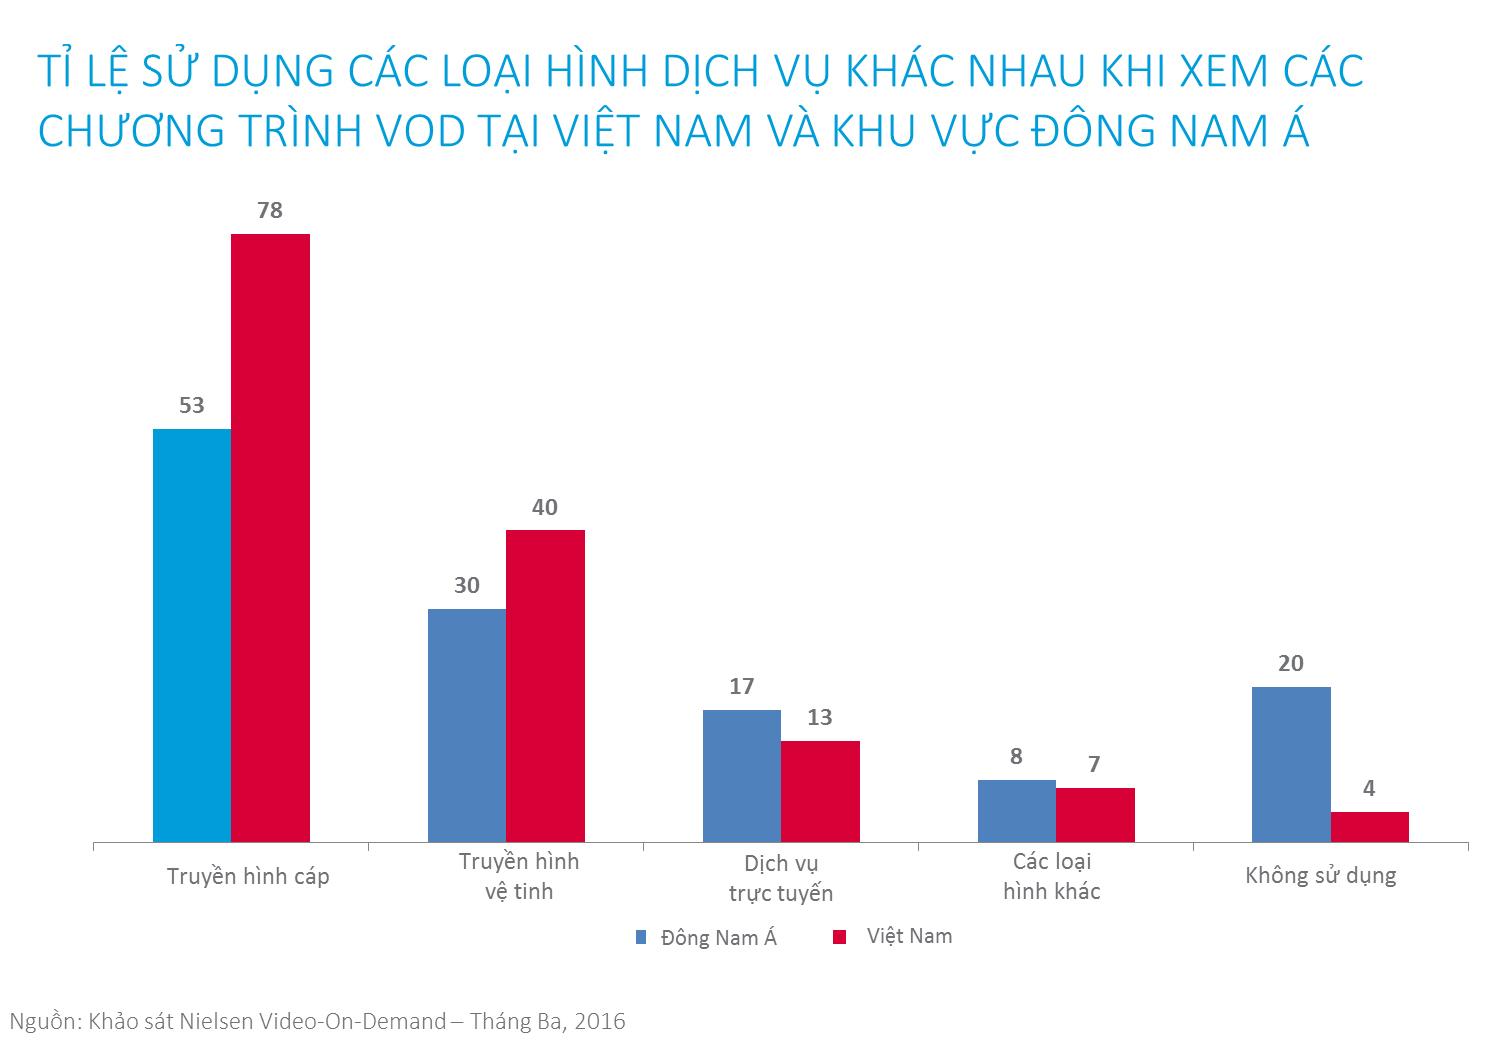 Một trong 5 người Việt (13%) đăng kí sử dụng dịch vụ của một nhà cung cấp dịch vụ truyền hình trực tuyến. Ảnh: Nielsen.